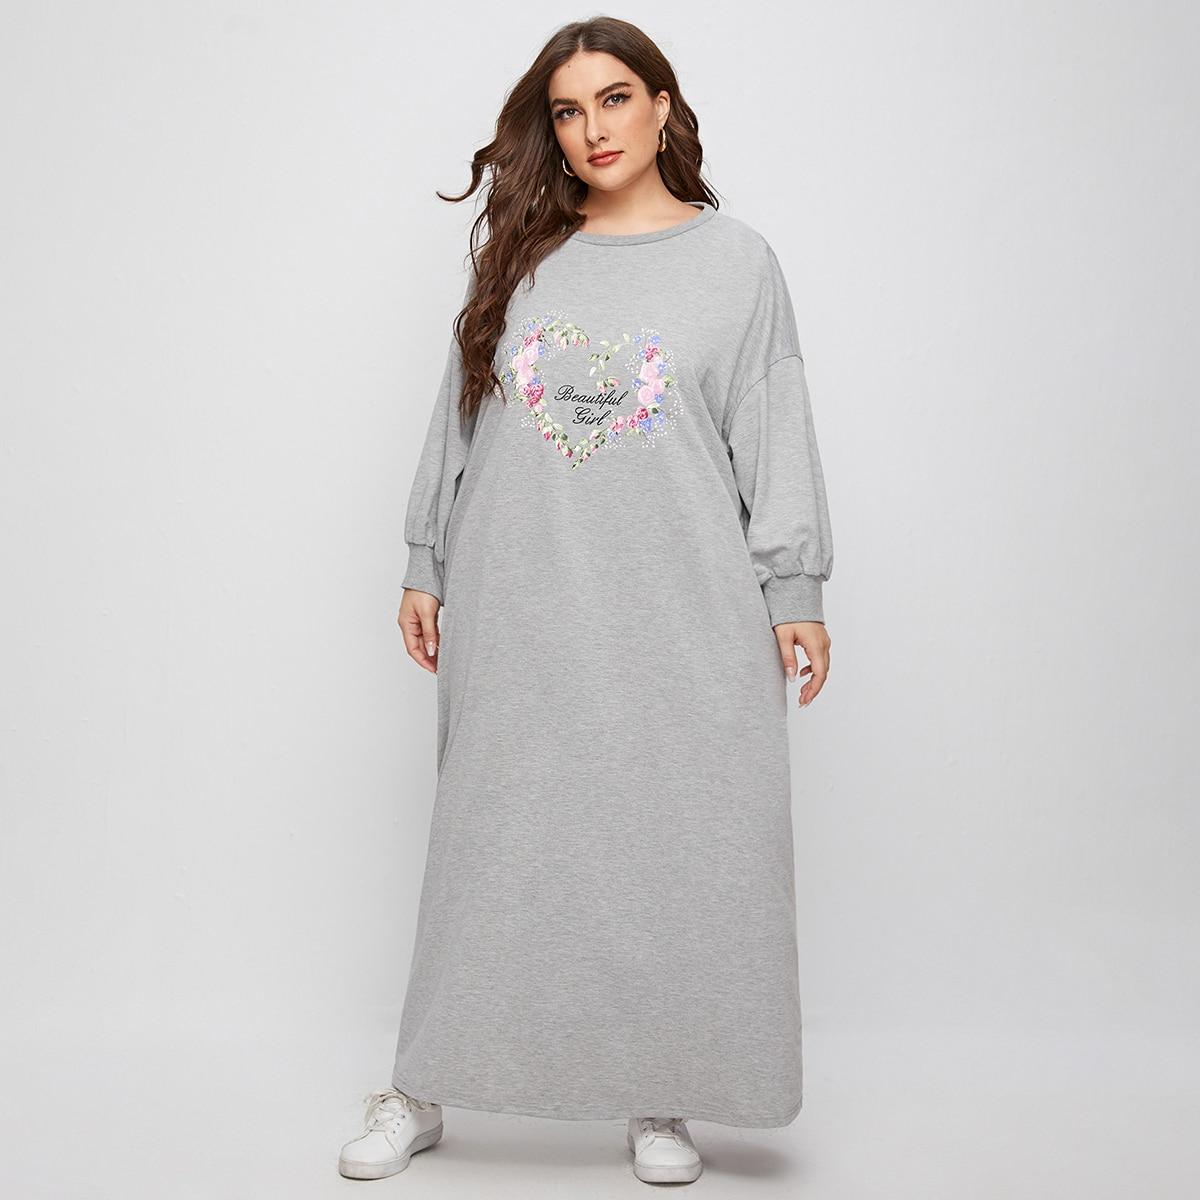 Платье-свитшот размера плюс с текстовым и цветочным принтом